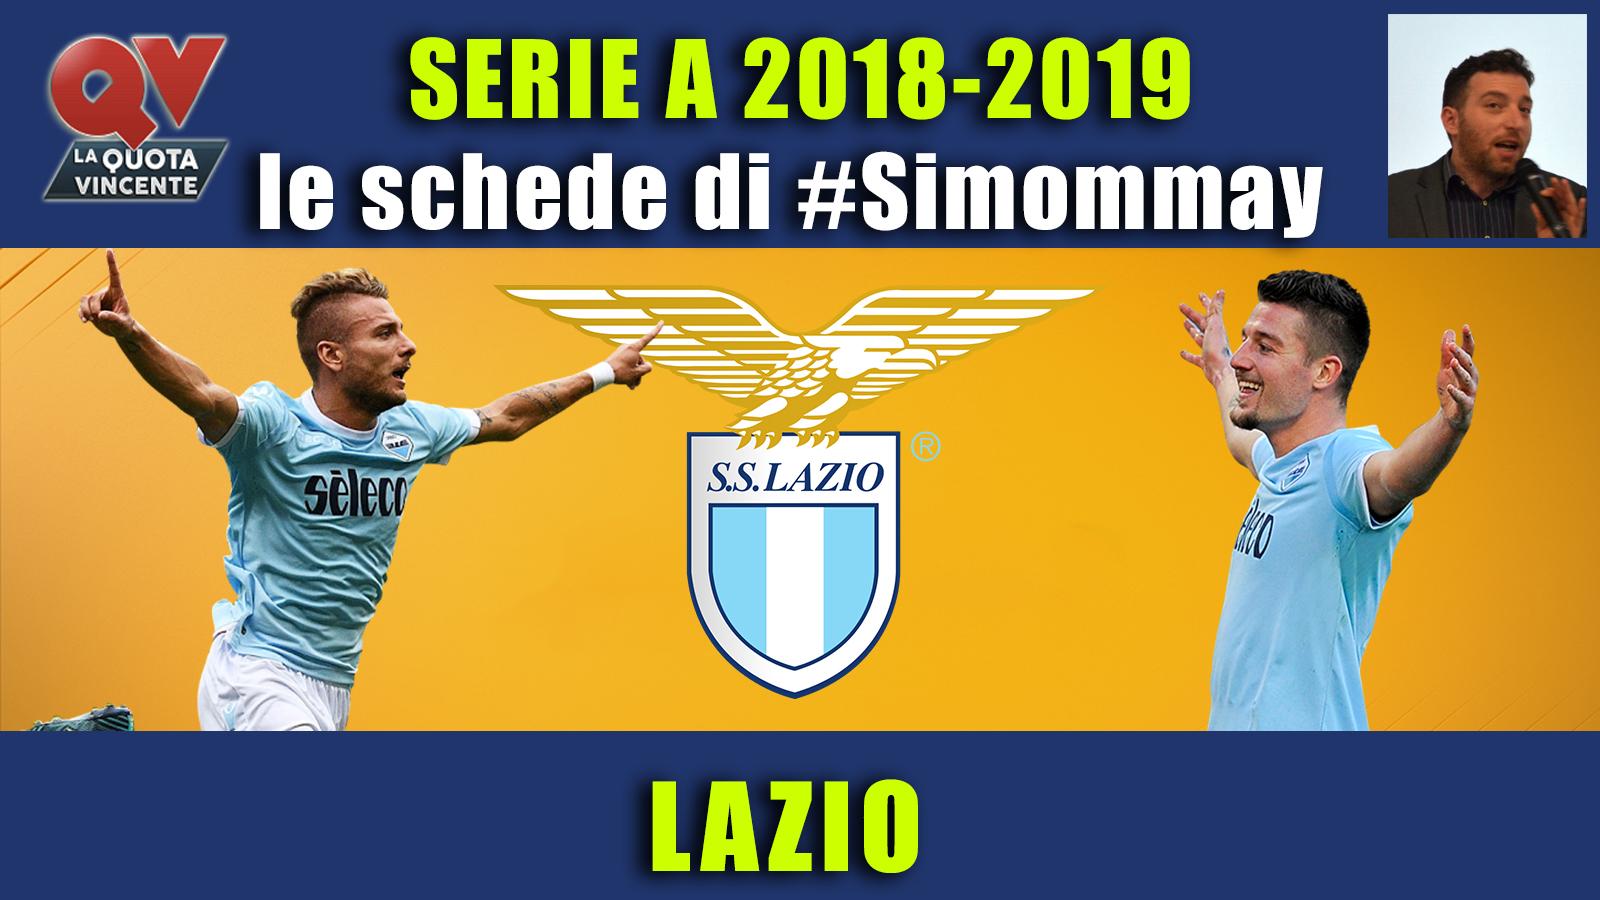 Guida Serie A 2018-2019 LAZIO: l'anno della conferma biancoceleste